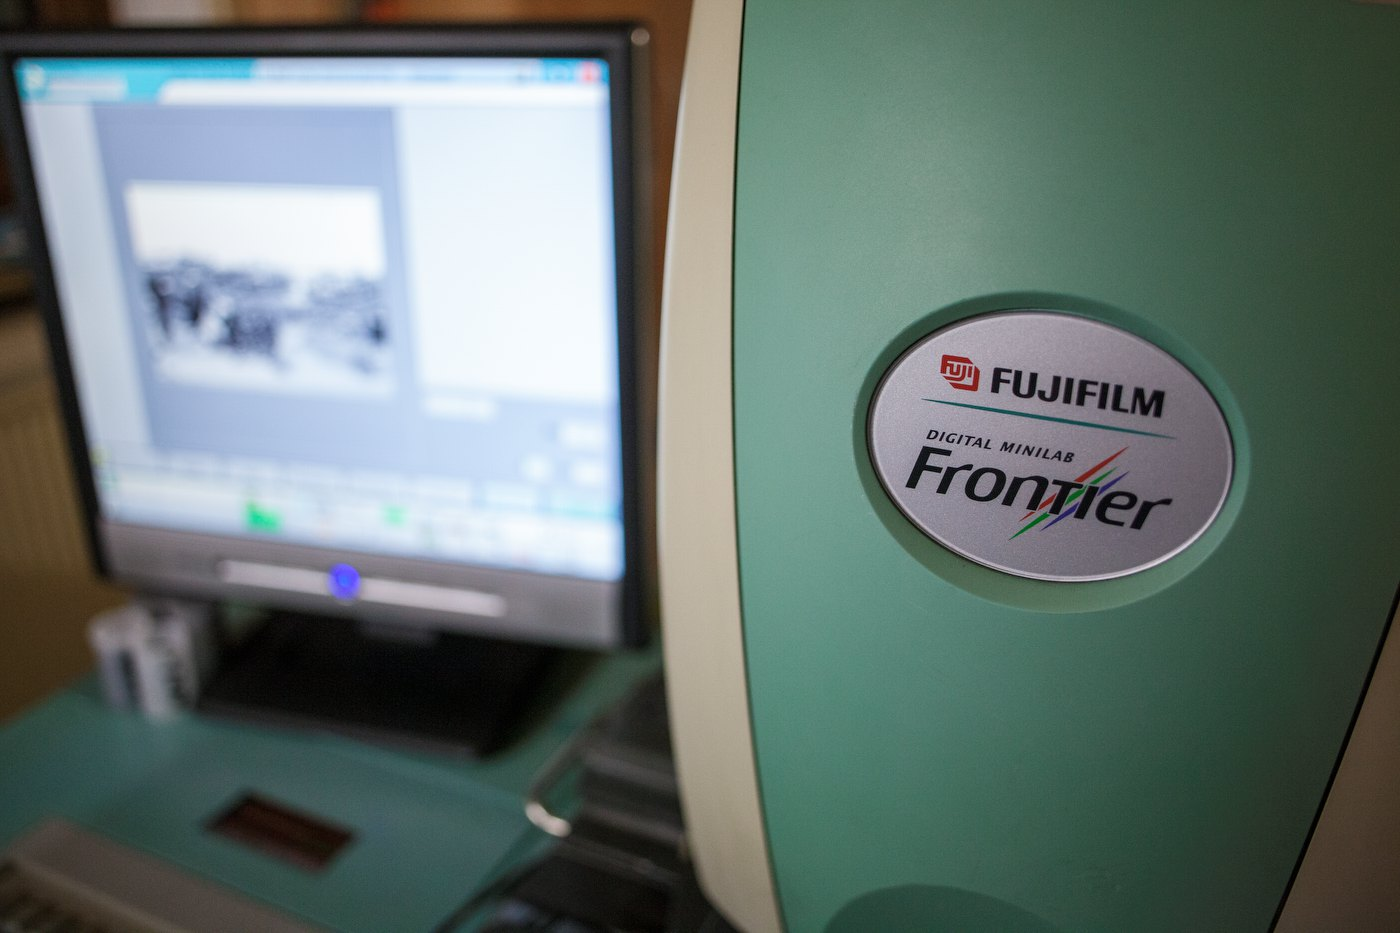 Ein Fuji Frontier SP-3000 Scanner (Bildmaterial mit freundlicher Genehmigung von meinfilmlab.de)